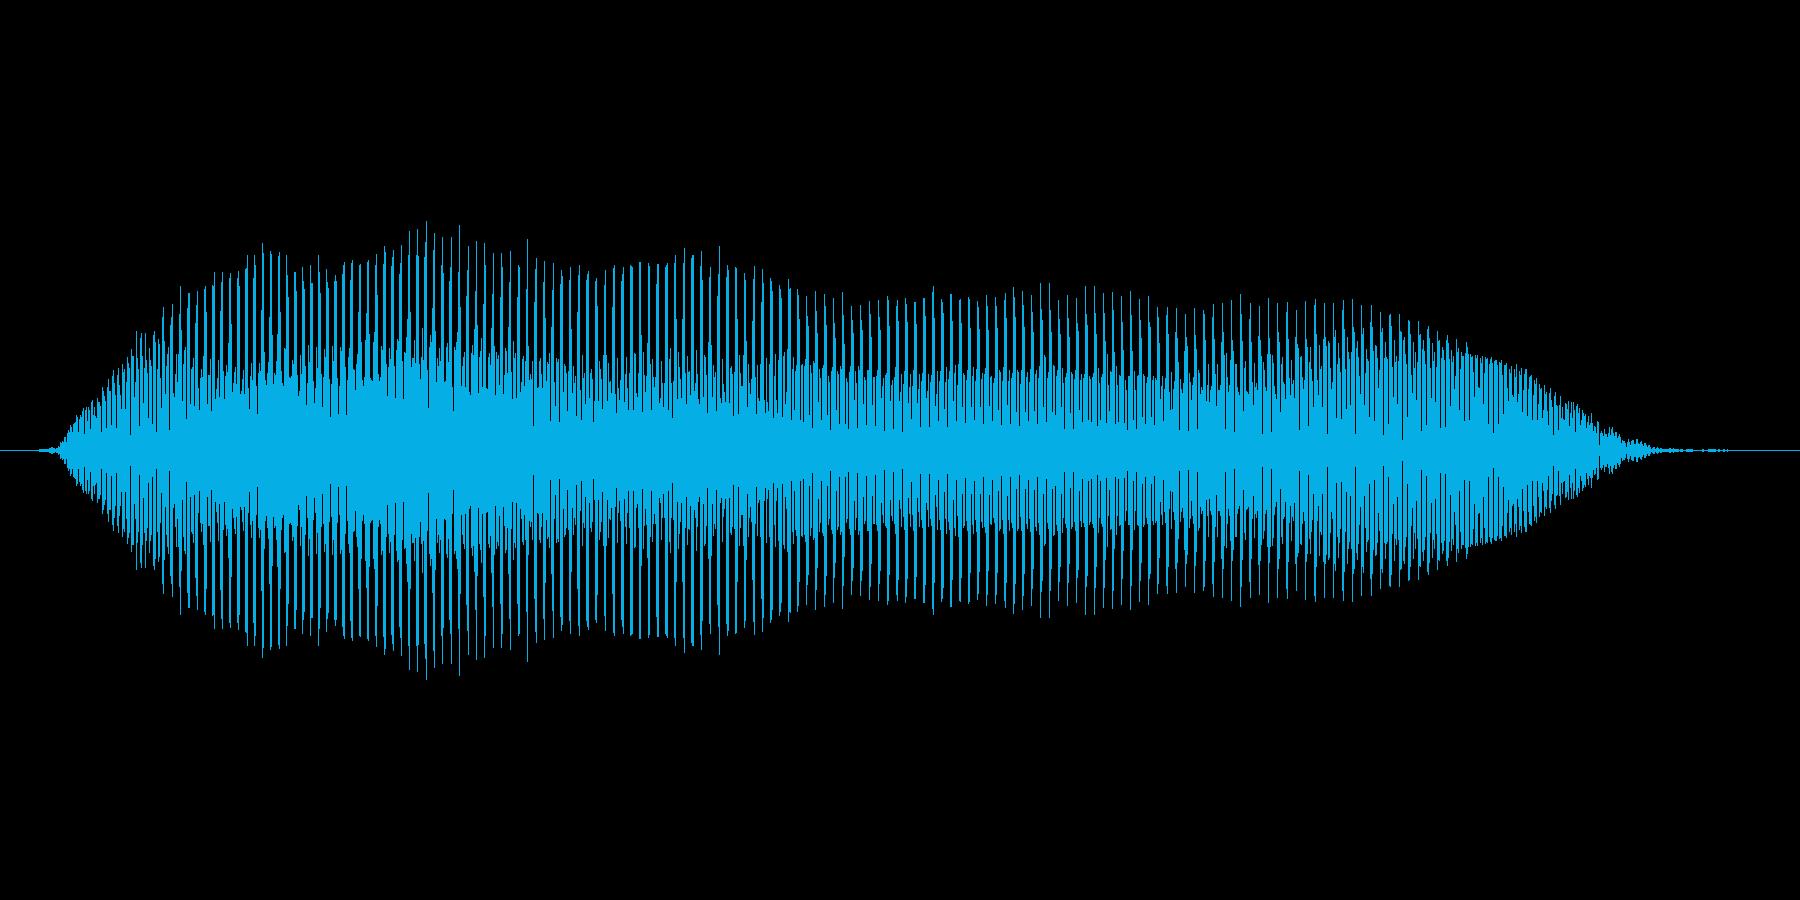 【ゾンビボイス】うなり声4の再生済みの波形